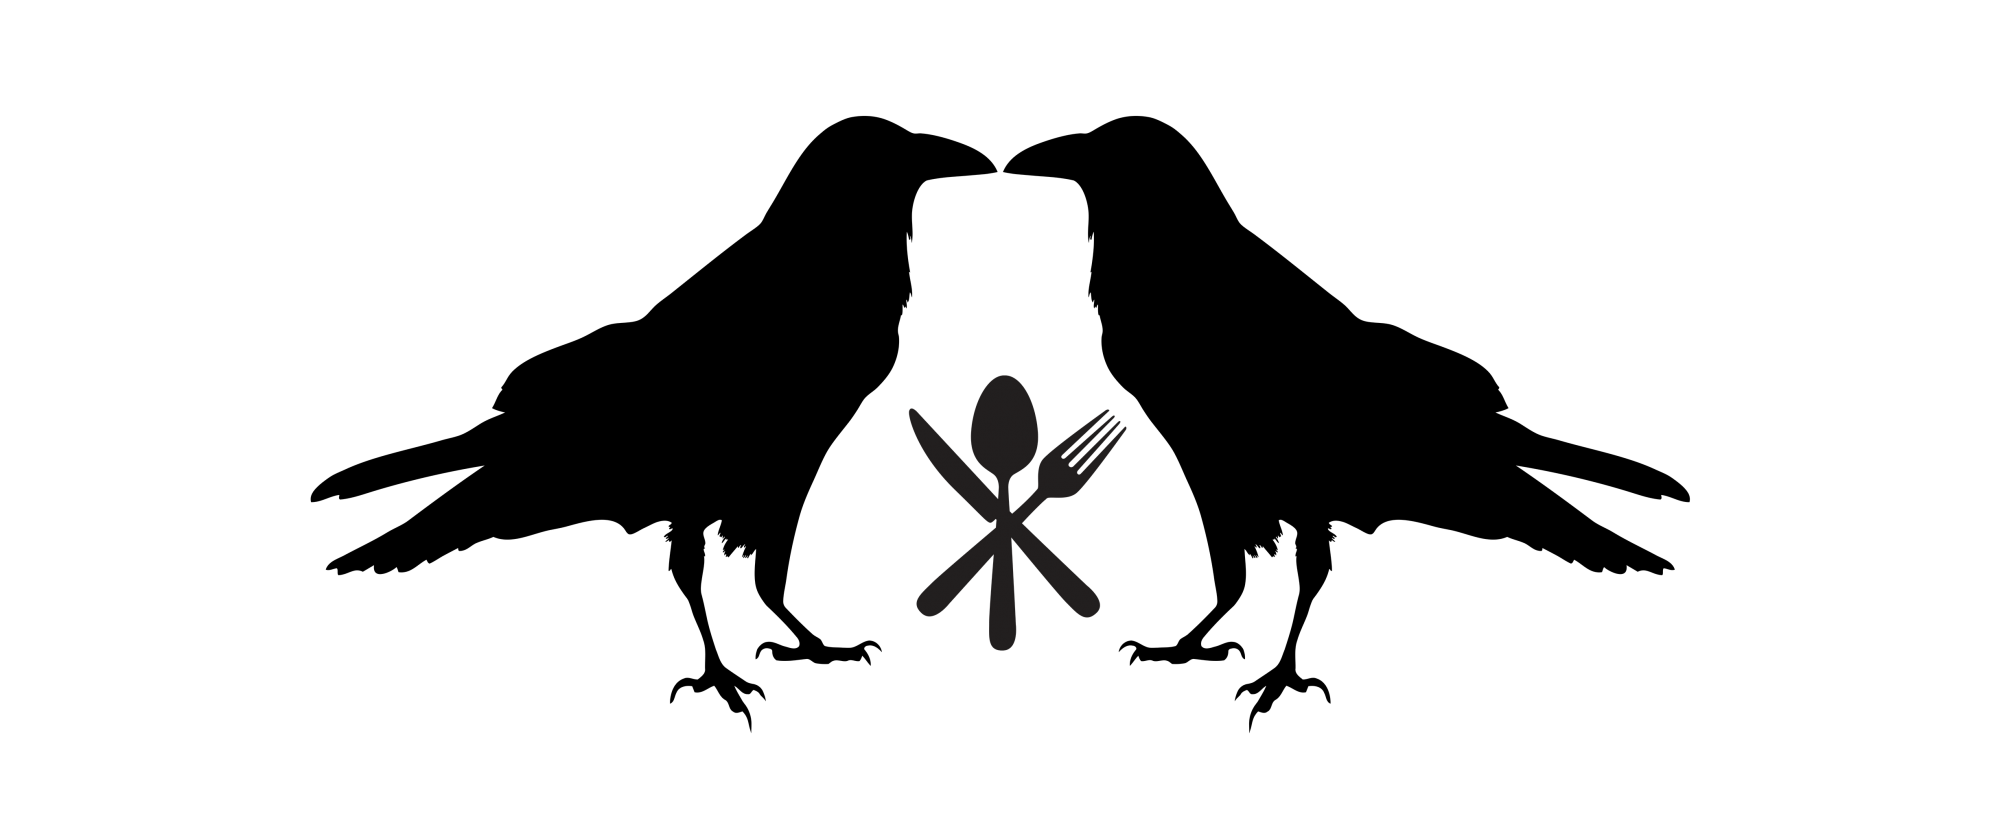 Två korpar vända mot varandra med en kniv, en gaffel och en kniv i mitten